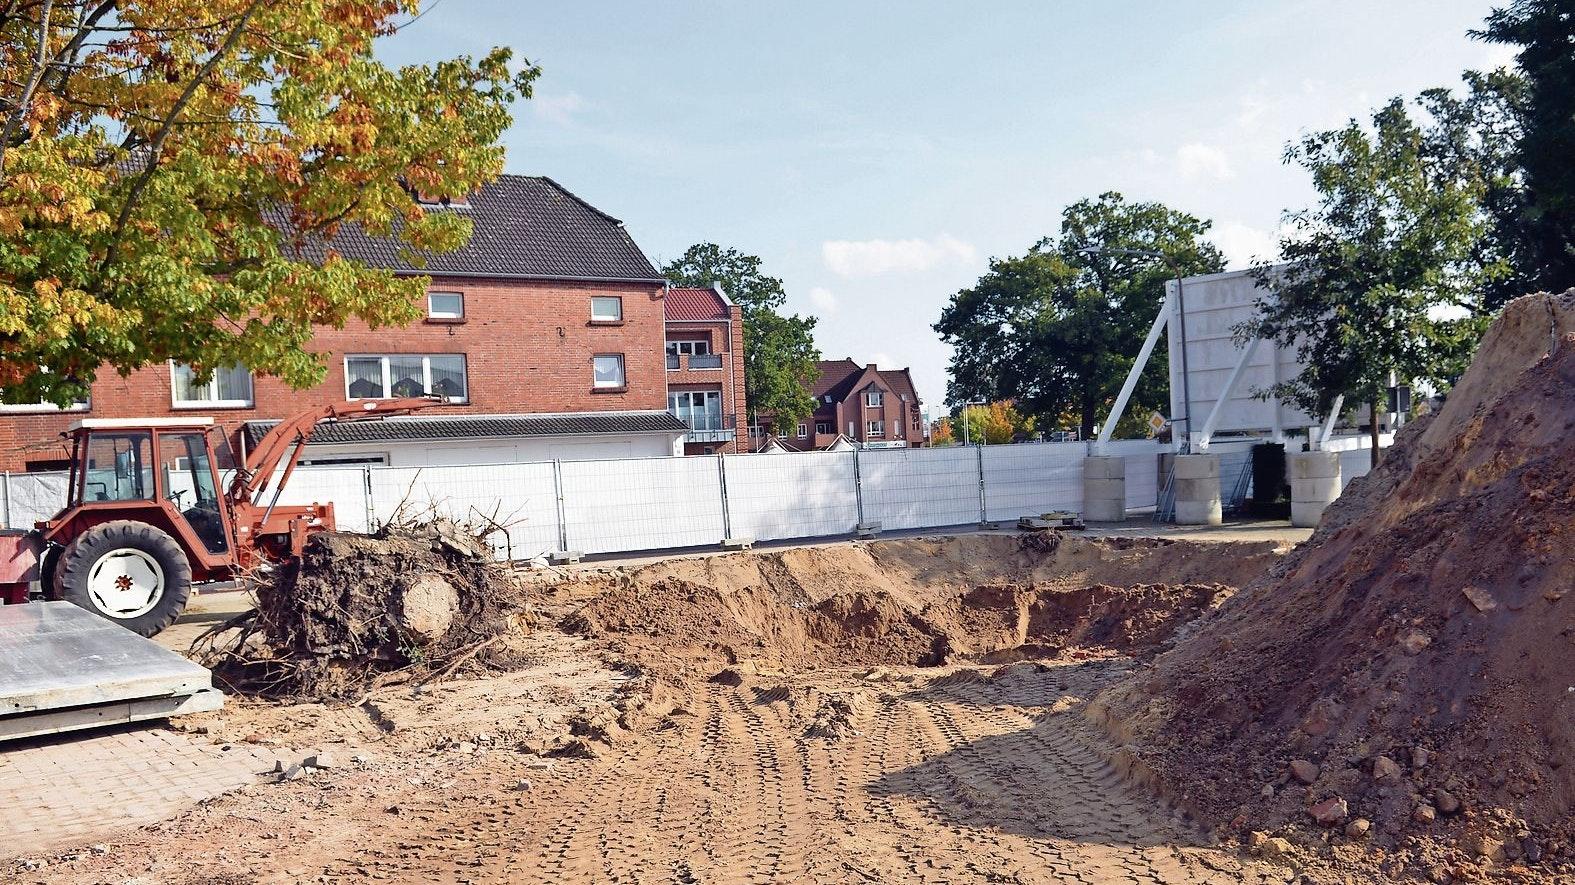 Abriss: Die frühere Gaststätte, die Alois und Ilse Dopp-Purk hier bis zum Februar 2008 betrieben haben, ist in der vergangenen Woche für das neue Kompetenzzentraum abgerissen worden. Foto: Willi Siemer